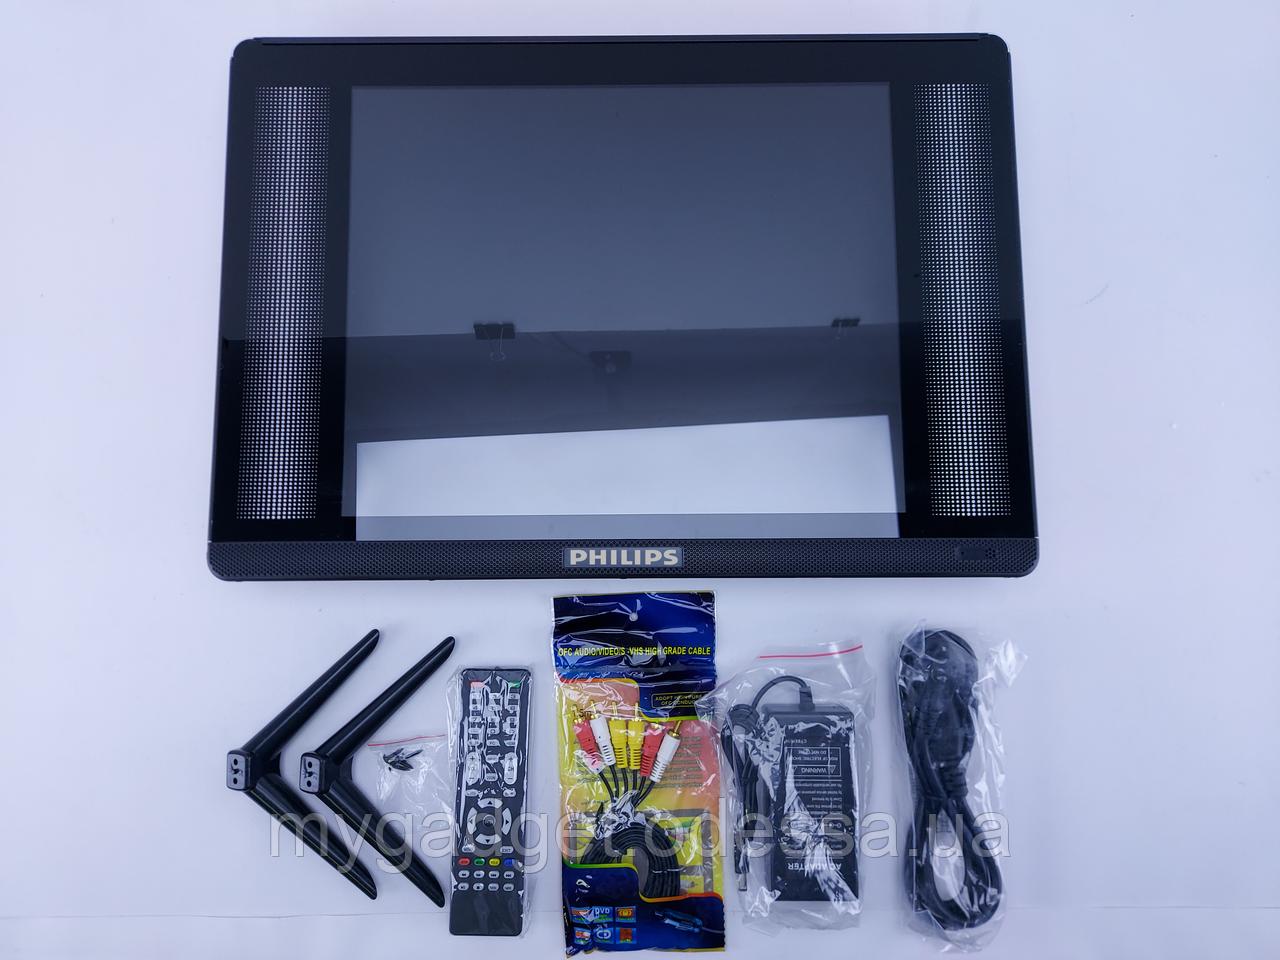 """Фірмовий Телевізор Philips 15"""" HD Ready/DVB-T2/USB (1366x768)"""